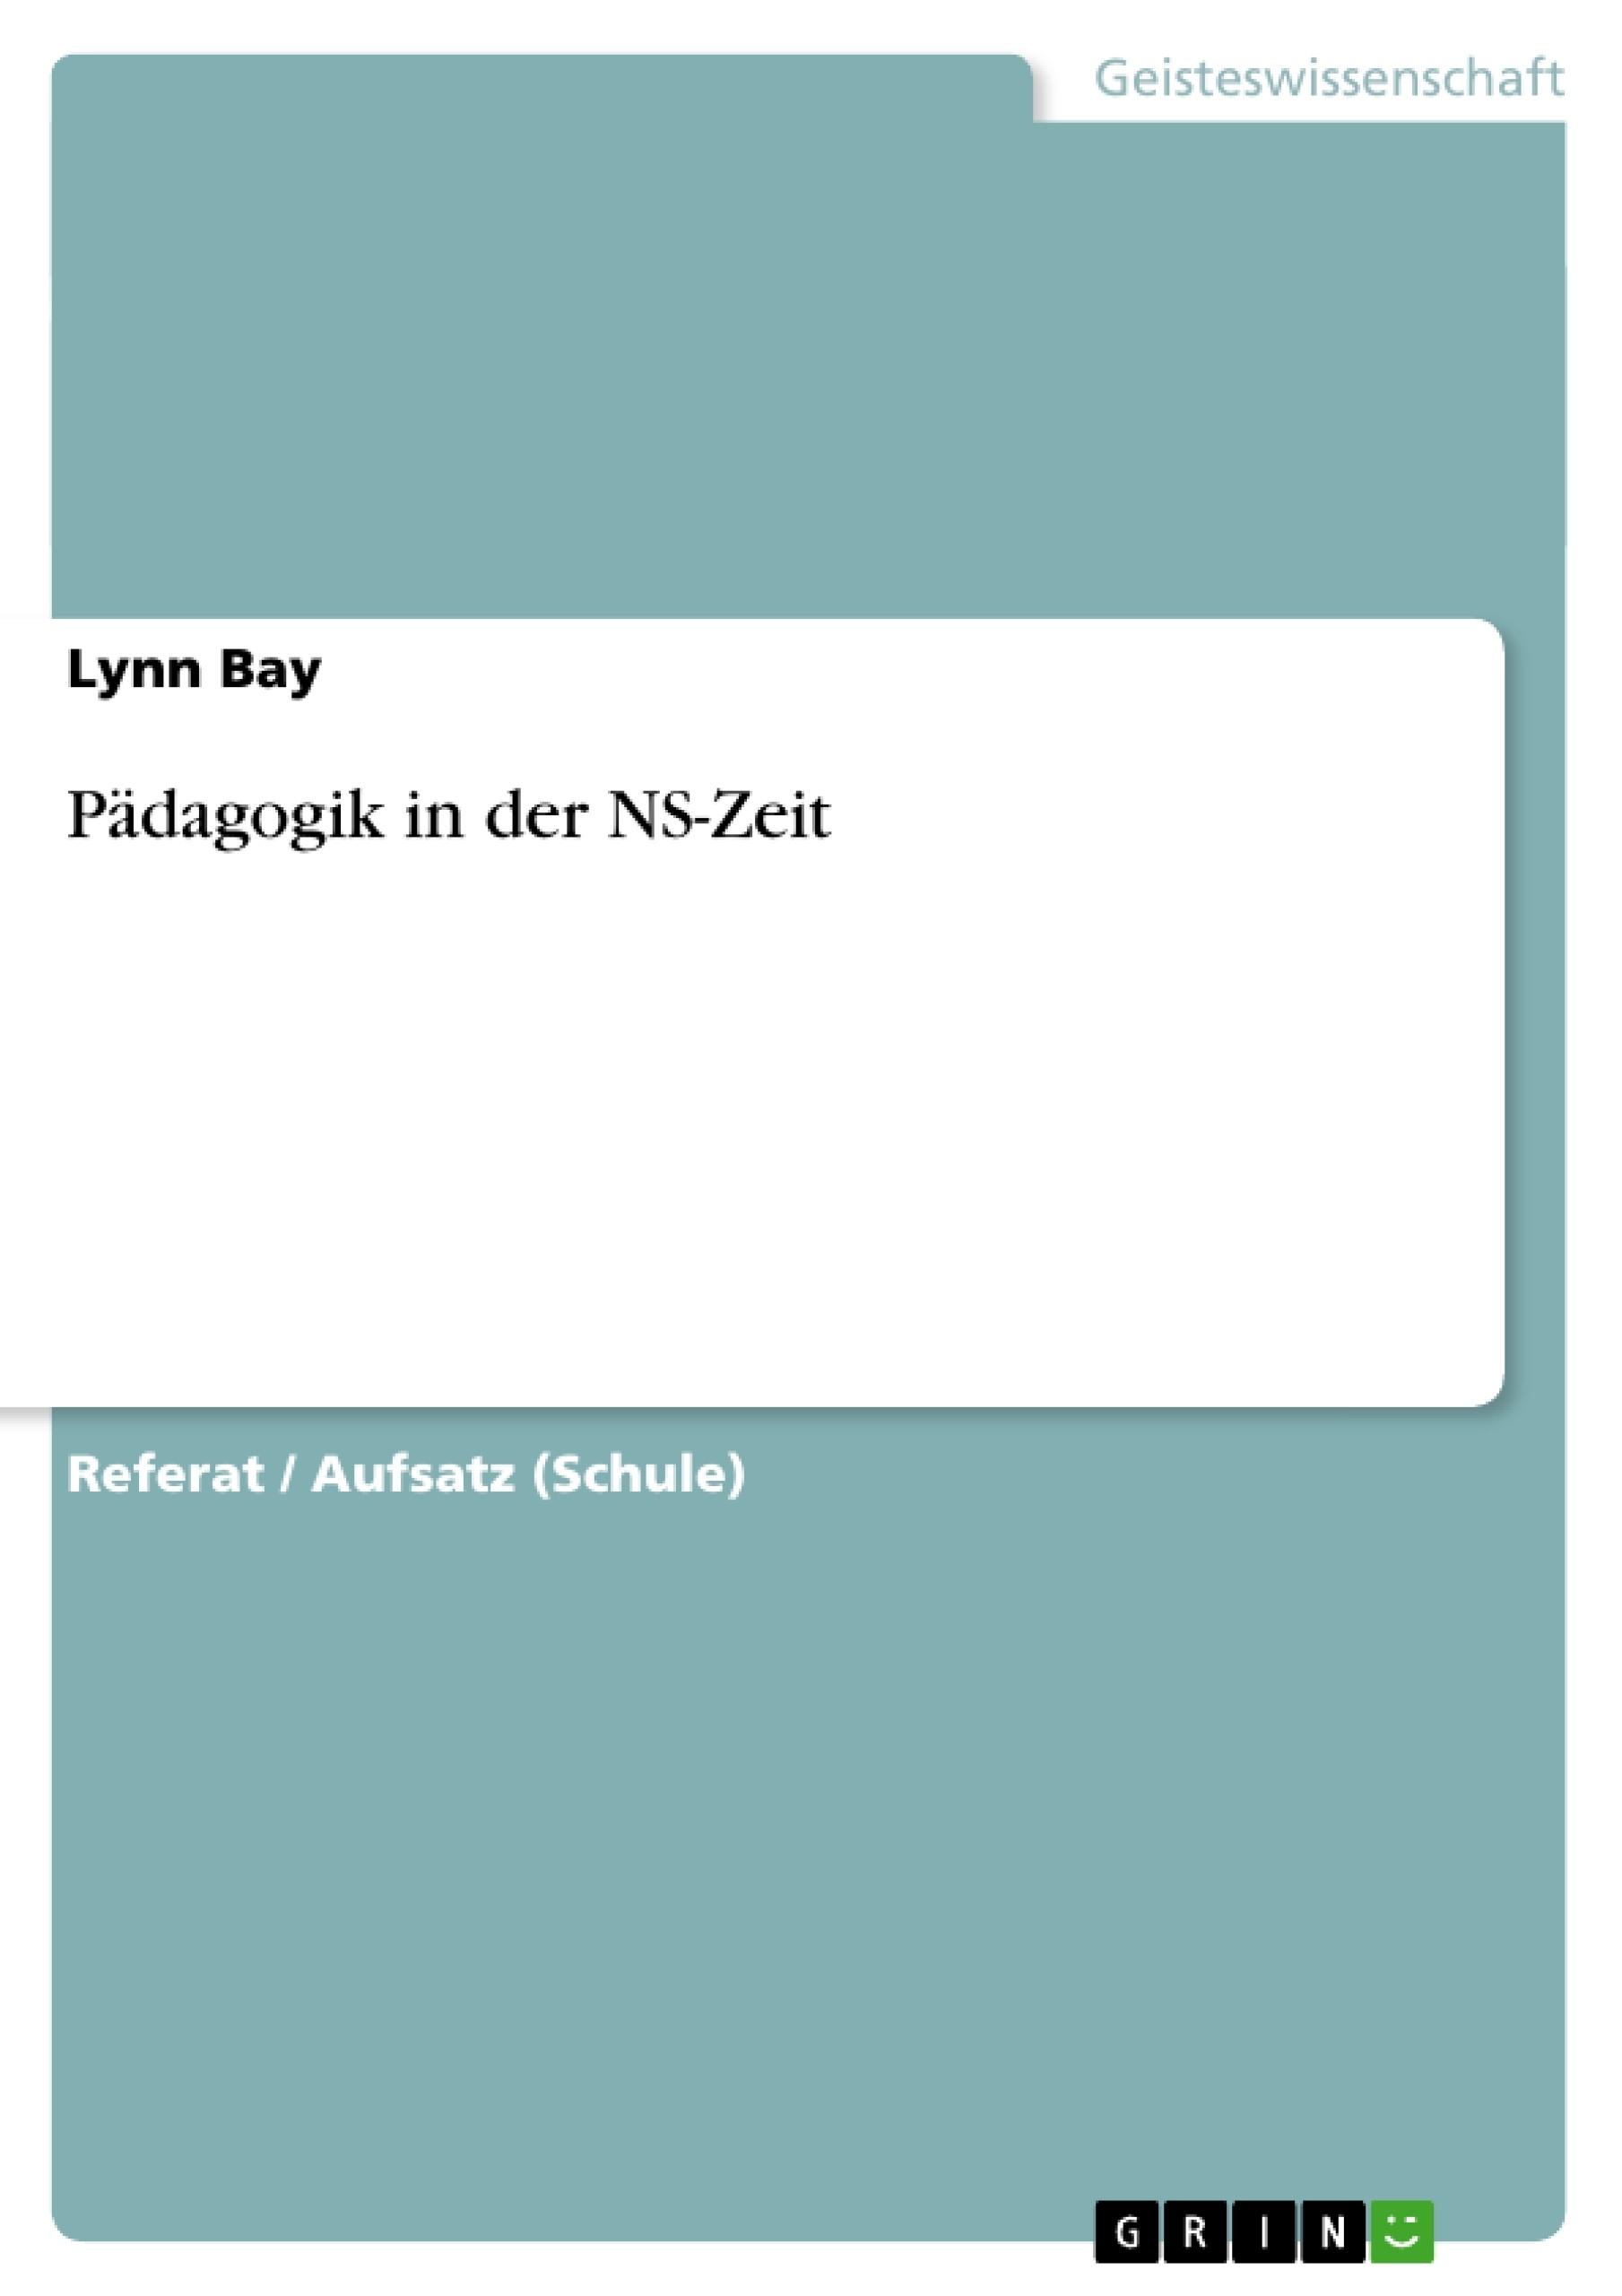 Titel: Pädagogik in der NS-Zeit